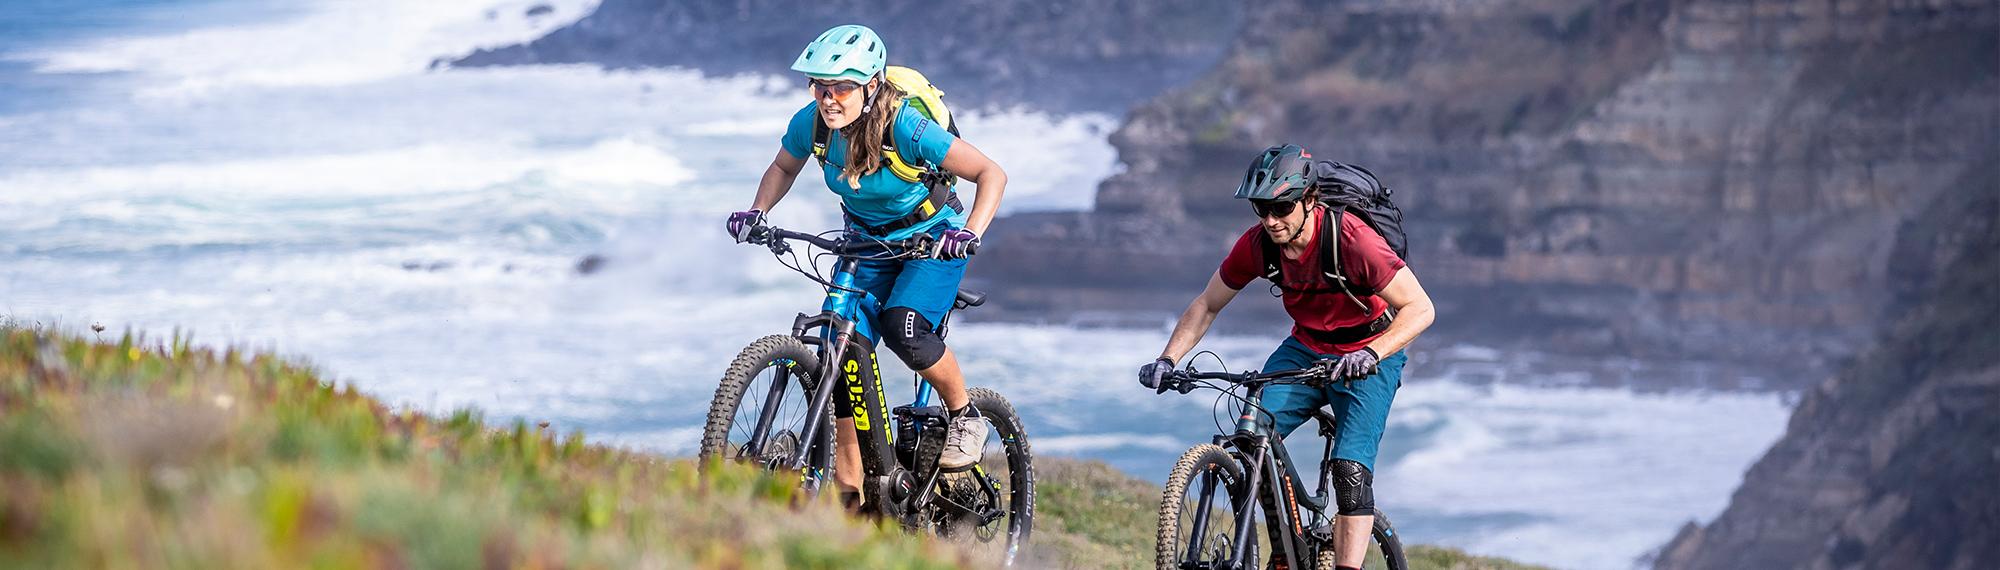 Electric Trail Bikes